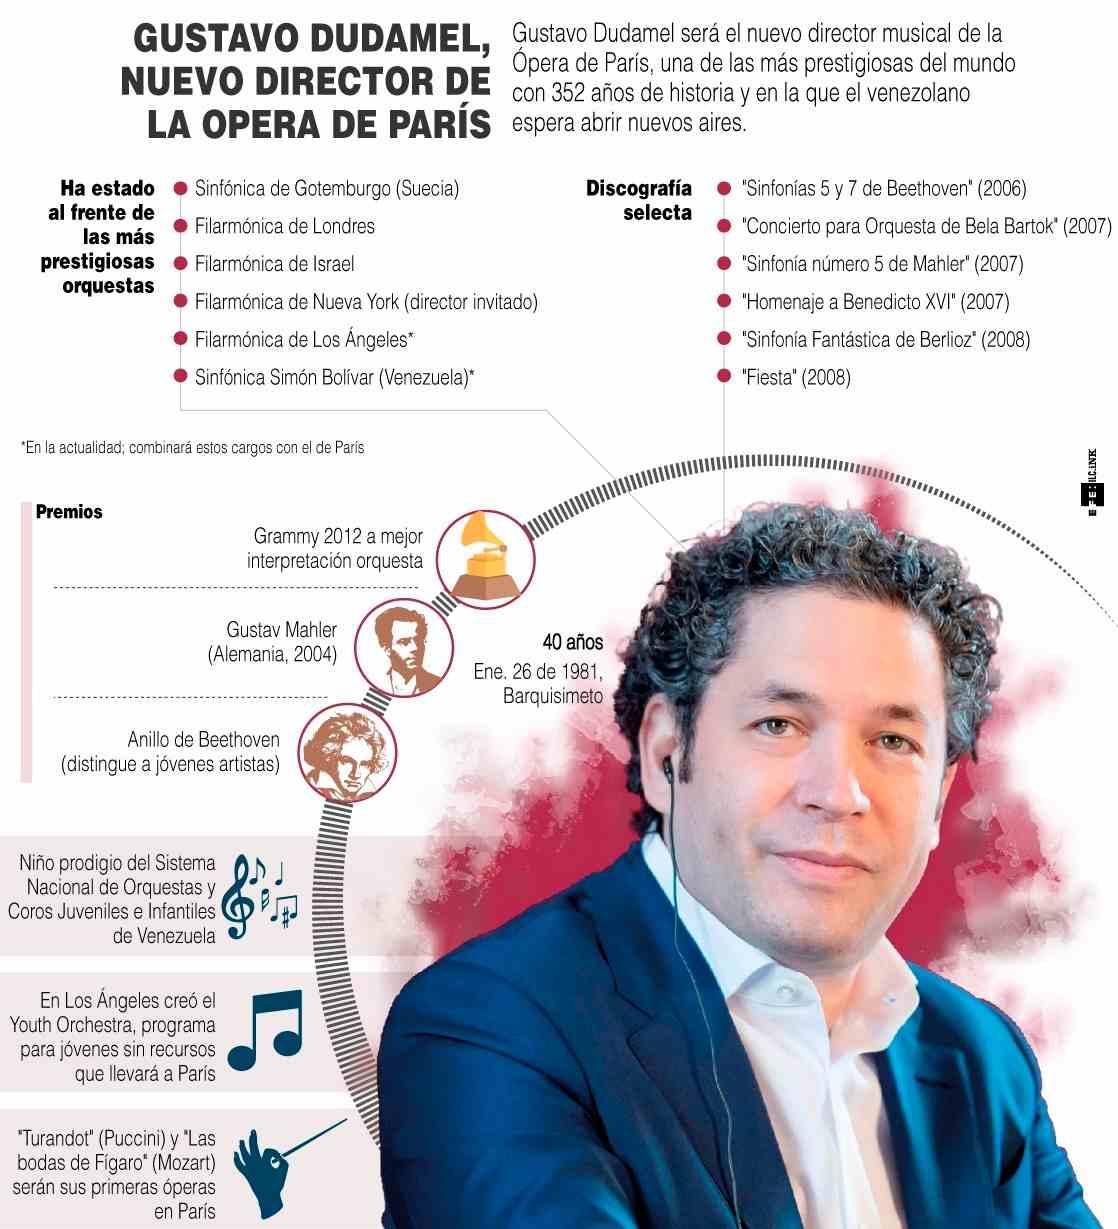 [Infografía] - Gustavo Dudamel, nuevo director musical de la Ópera de París 1